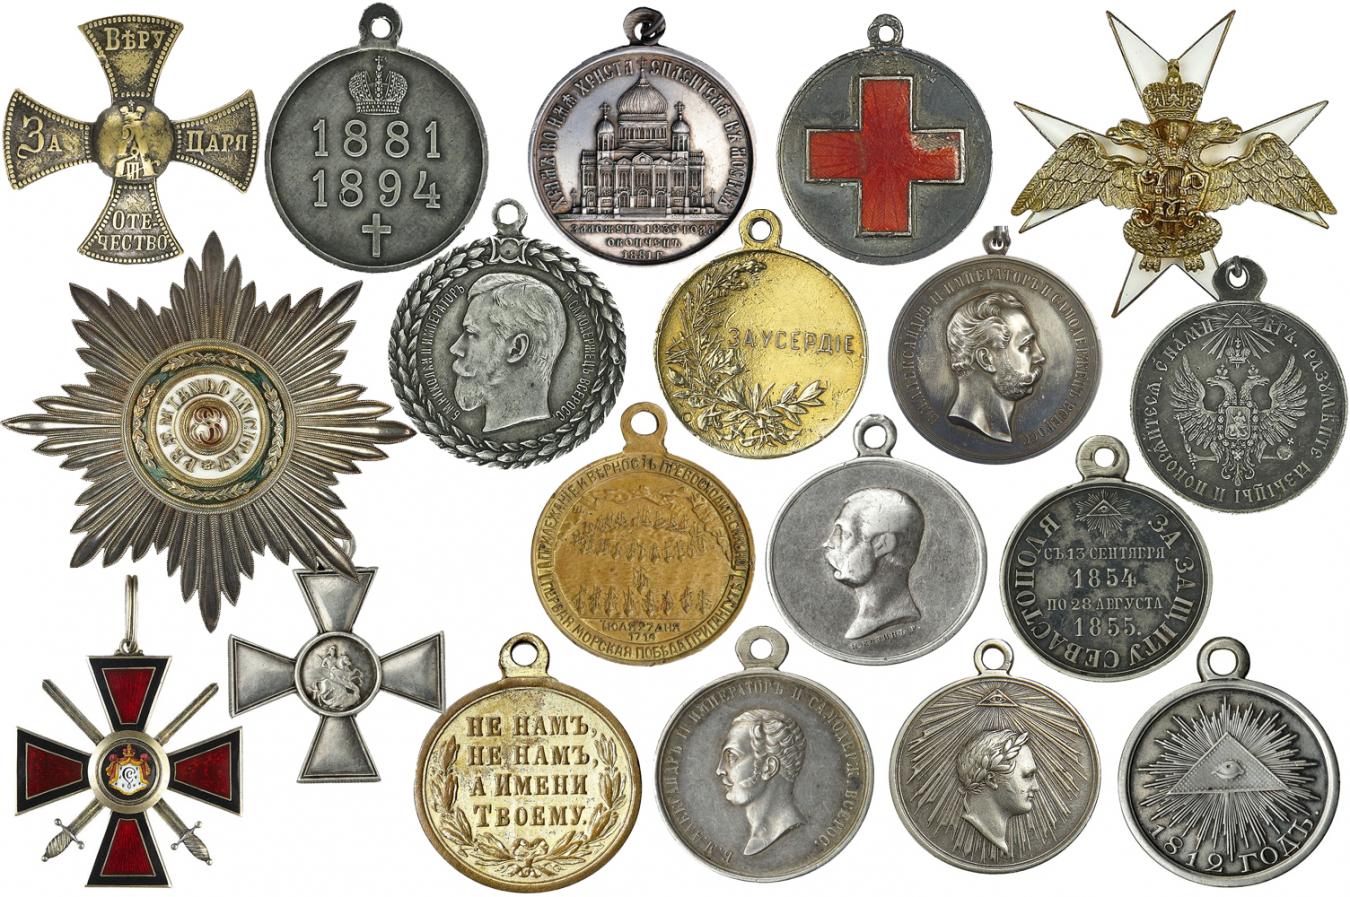 непонятно медали российской империи крупнейших автозаводов страны